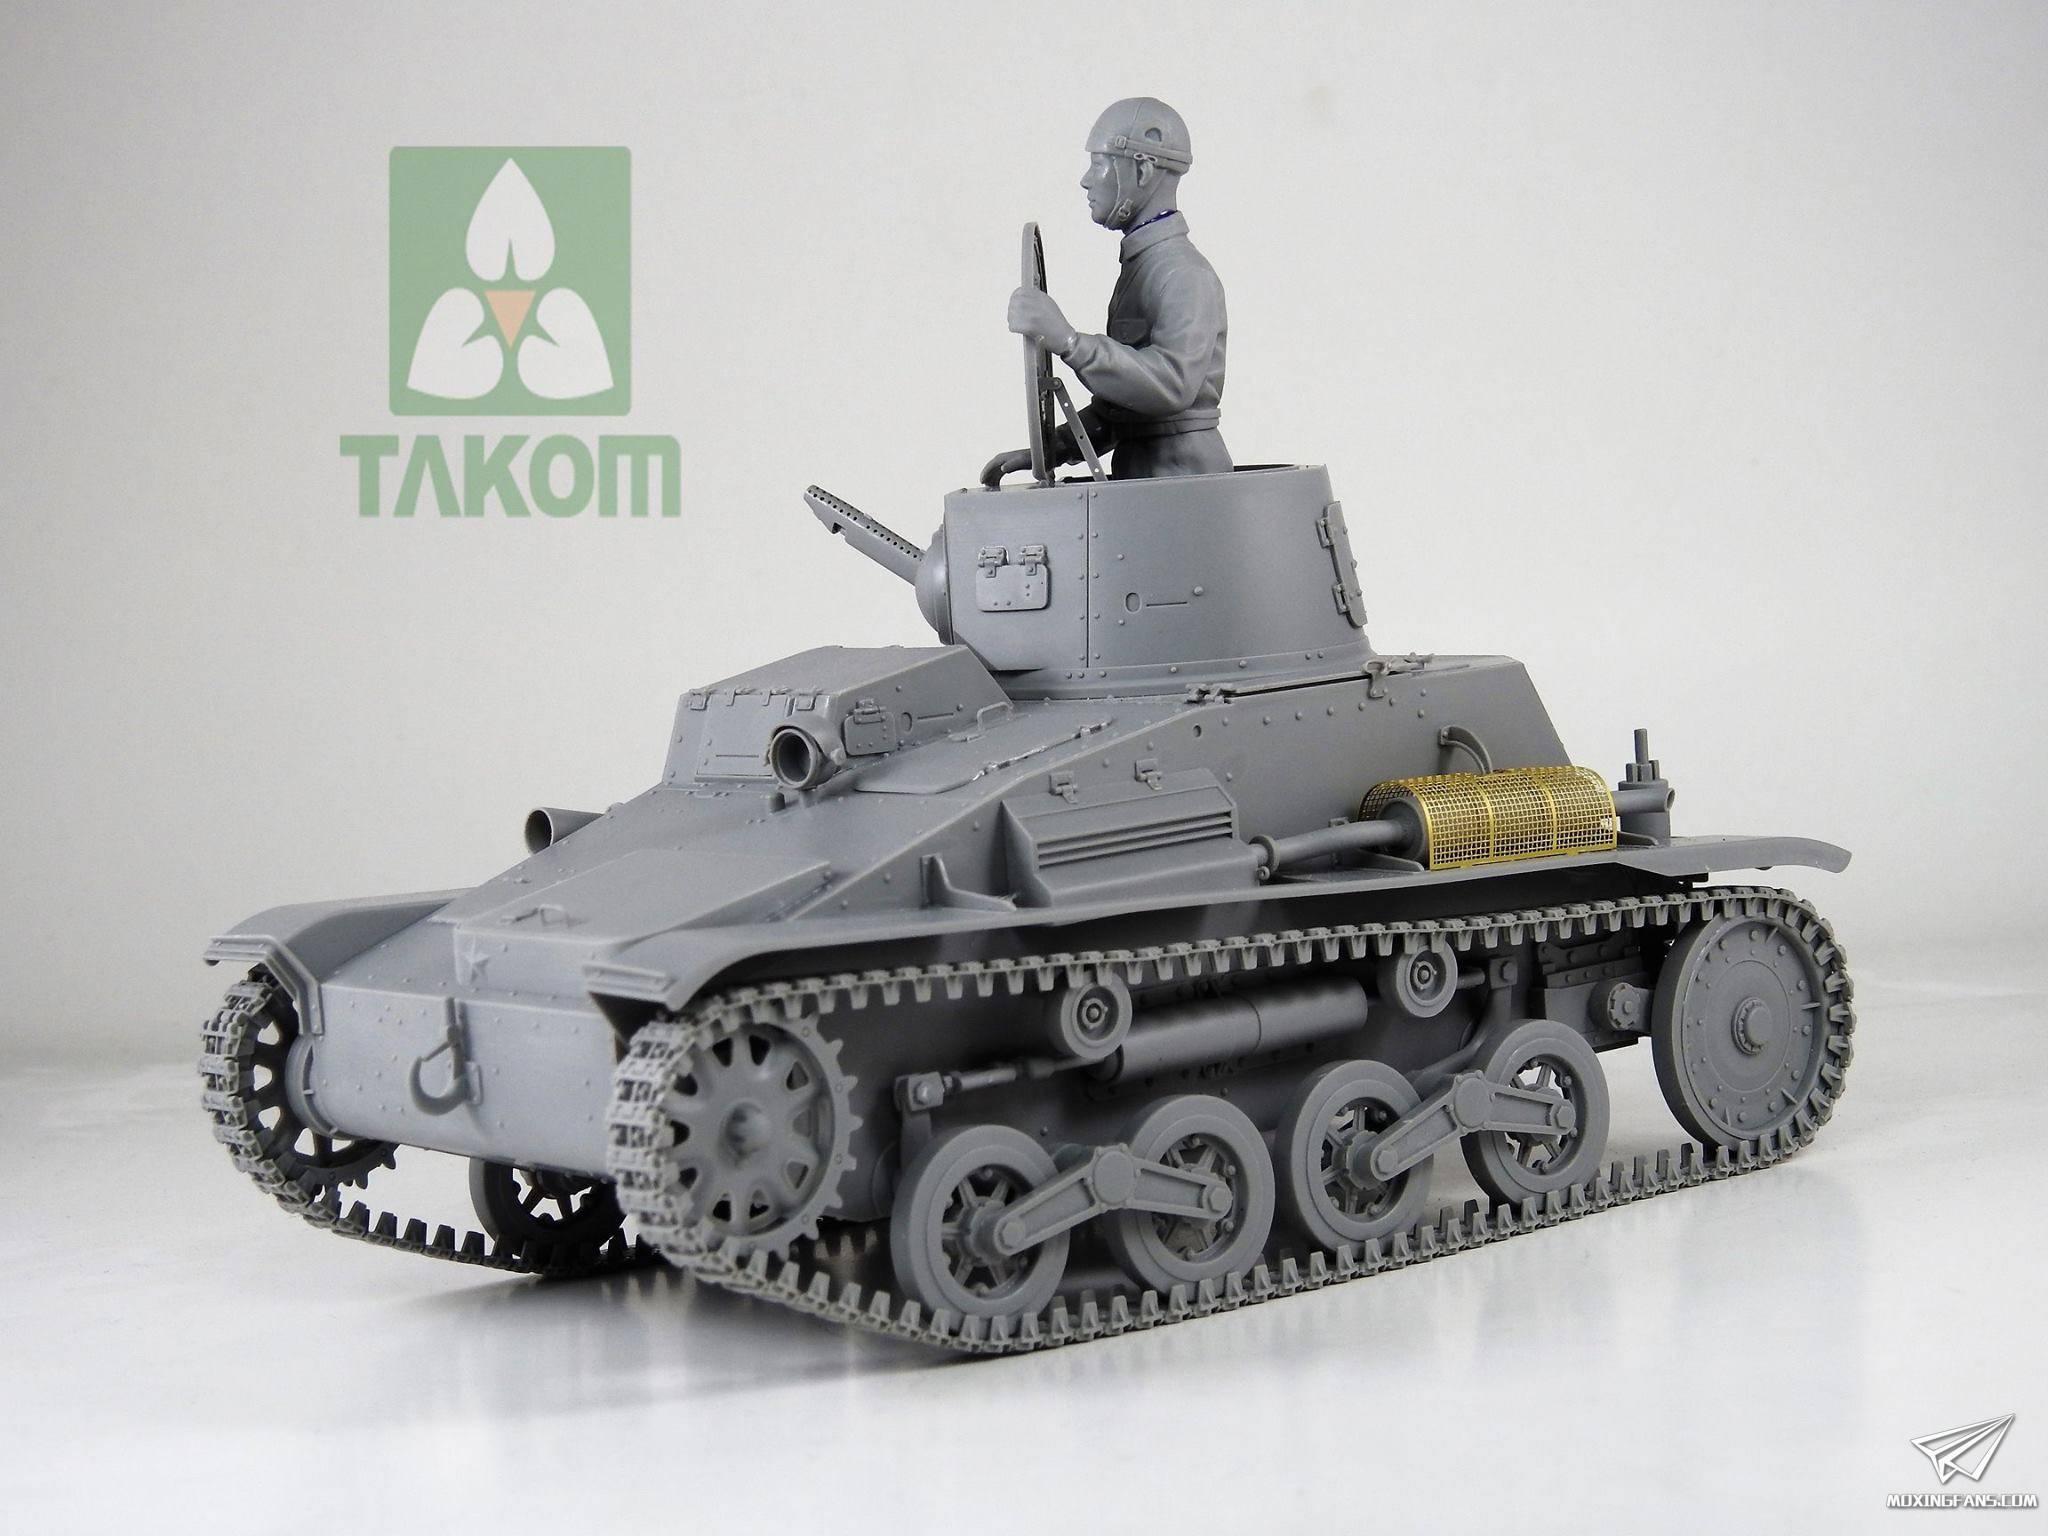 【三花】1/16 日本陸軍九四式輕裝甲車官方素組圖更新_靜態模型愛好者--致力于打造最全的模型評測網站